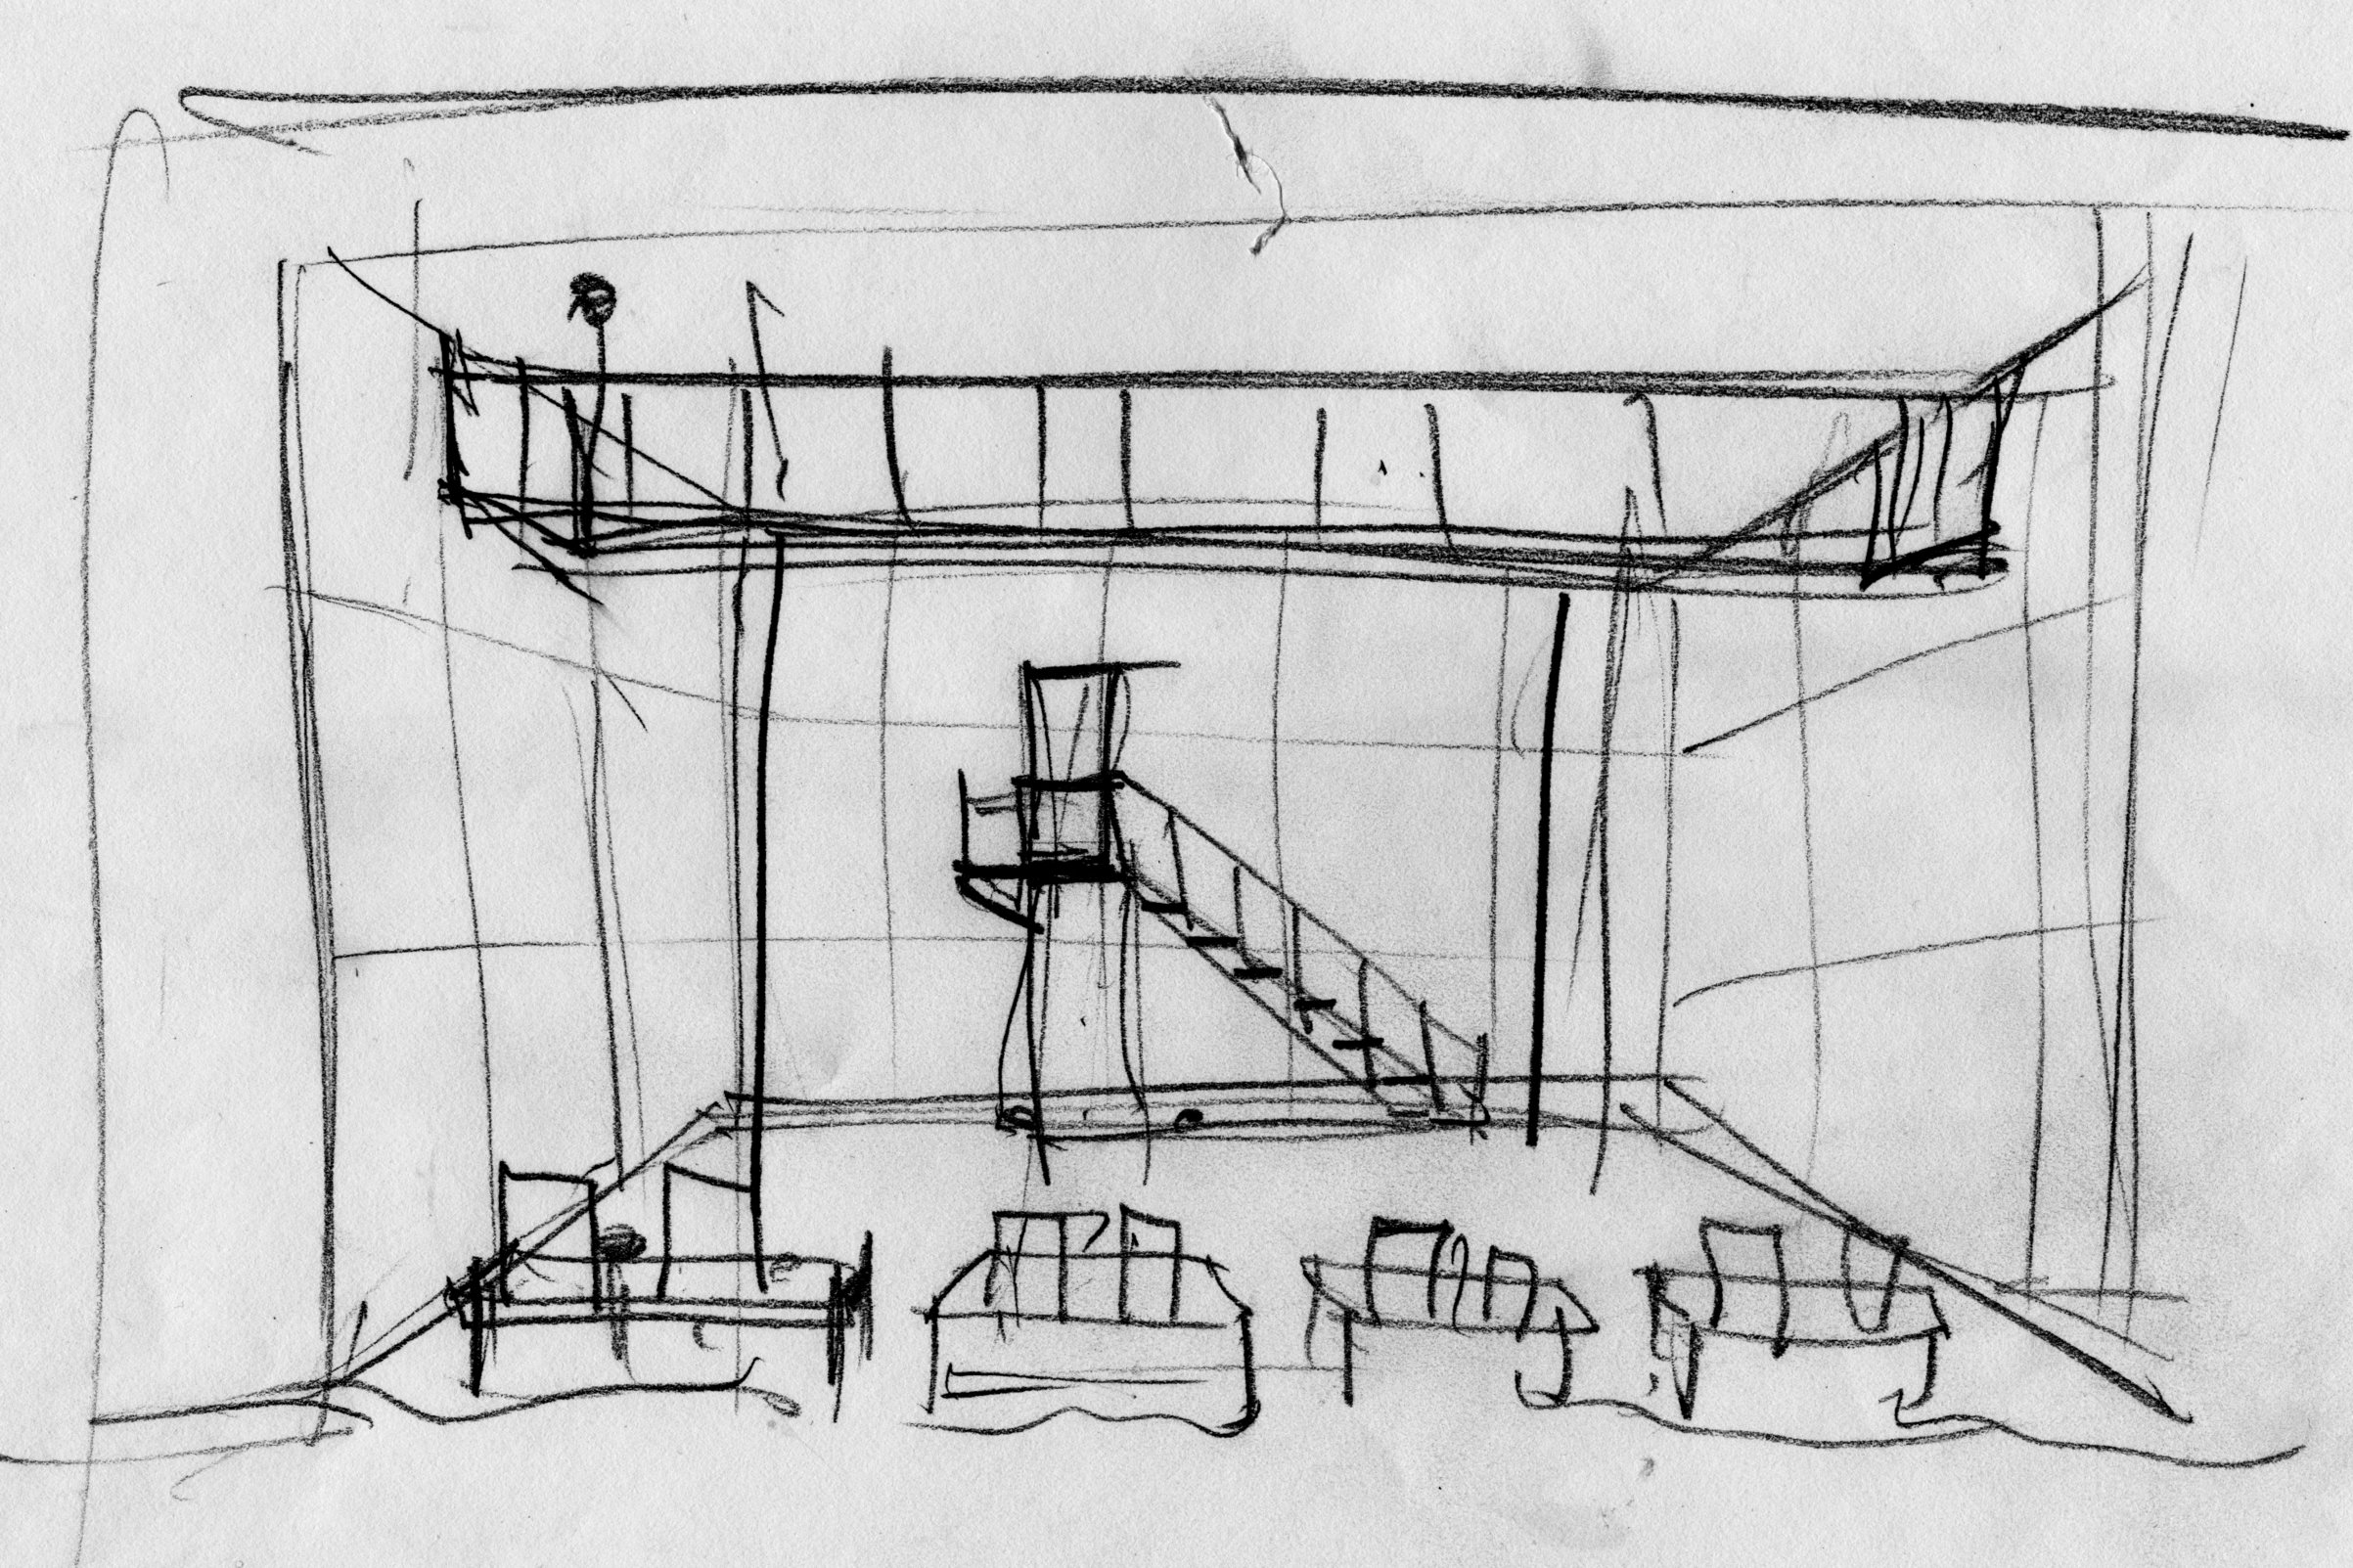 Cendrillon_Design Process 1.jpg